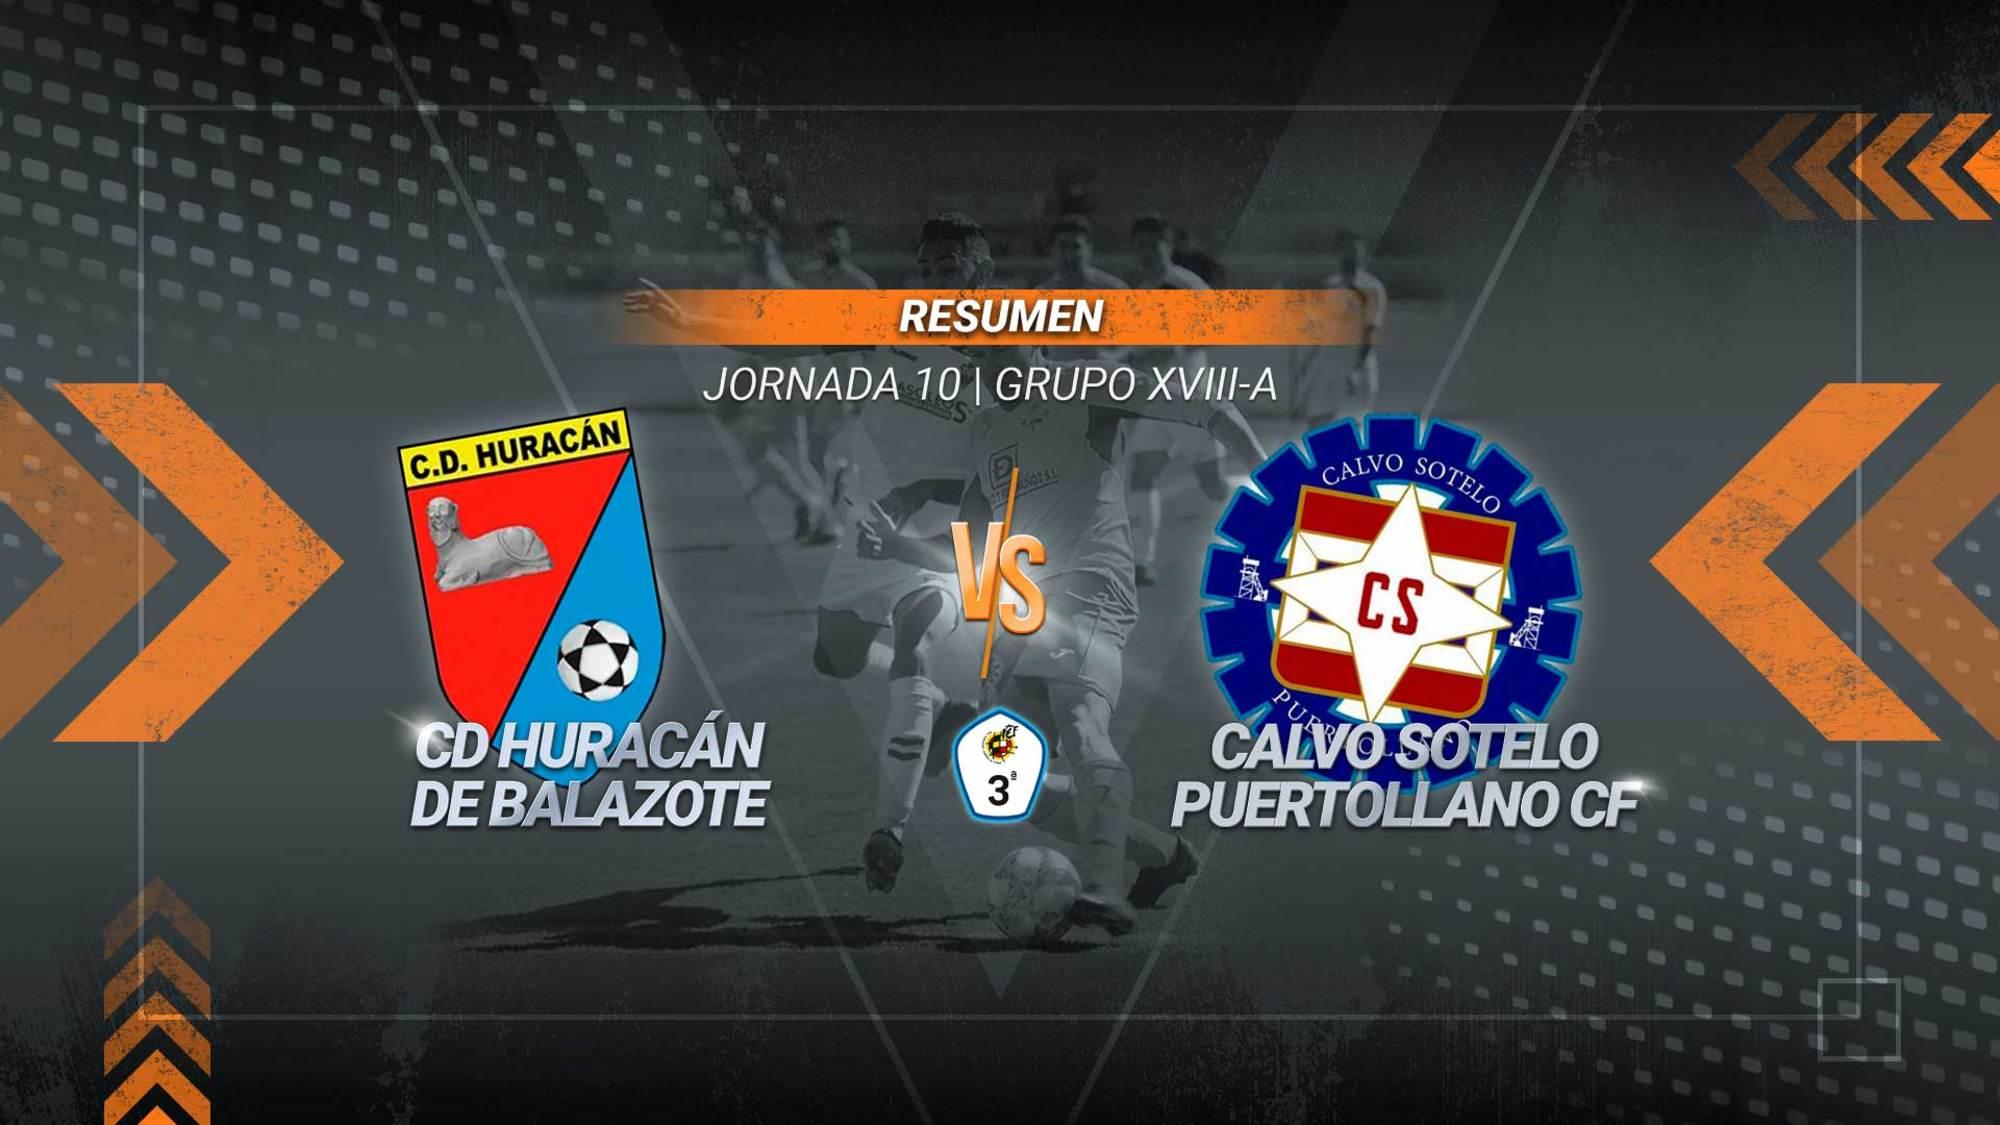 El Calvo Sotelo remonta en Balazote y suma un triunfo vital. Dos goles en tres minutos de Abraham e Iván Limón permiten a los industriales auparse hasta la sexta posición y alcanzar los 13 puntos. El Huracán, que se adelantó con un tanto de Biho, se queda con 15.